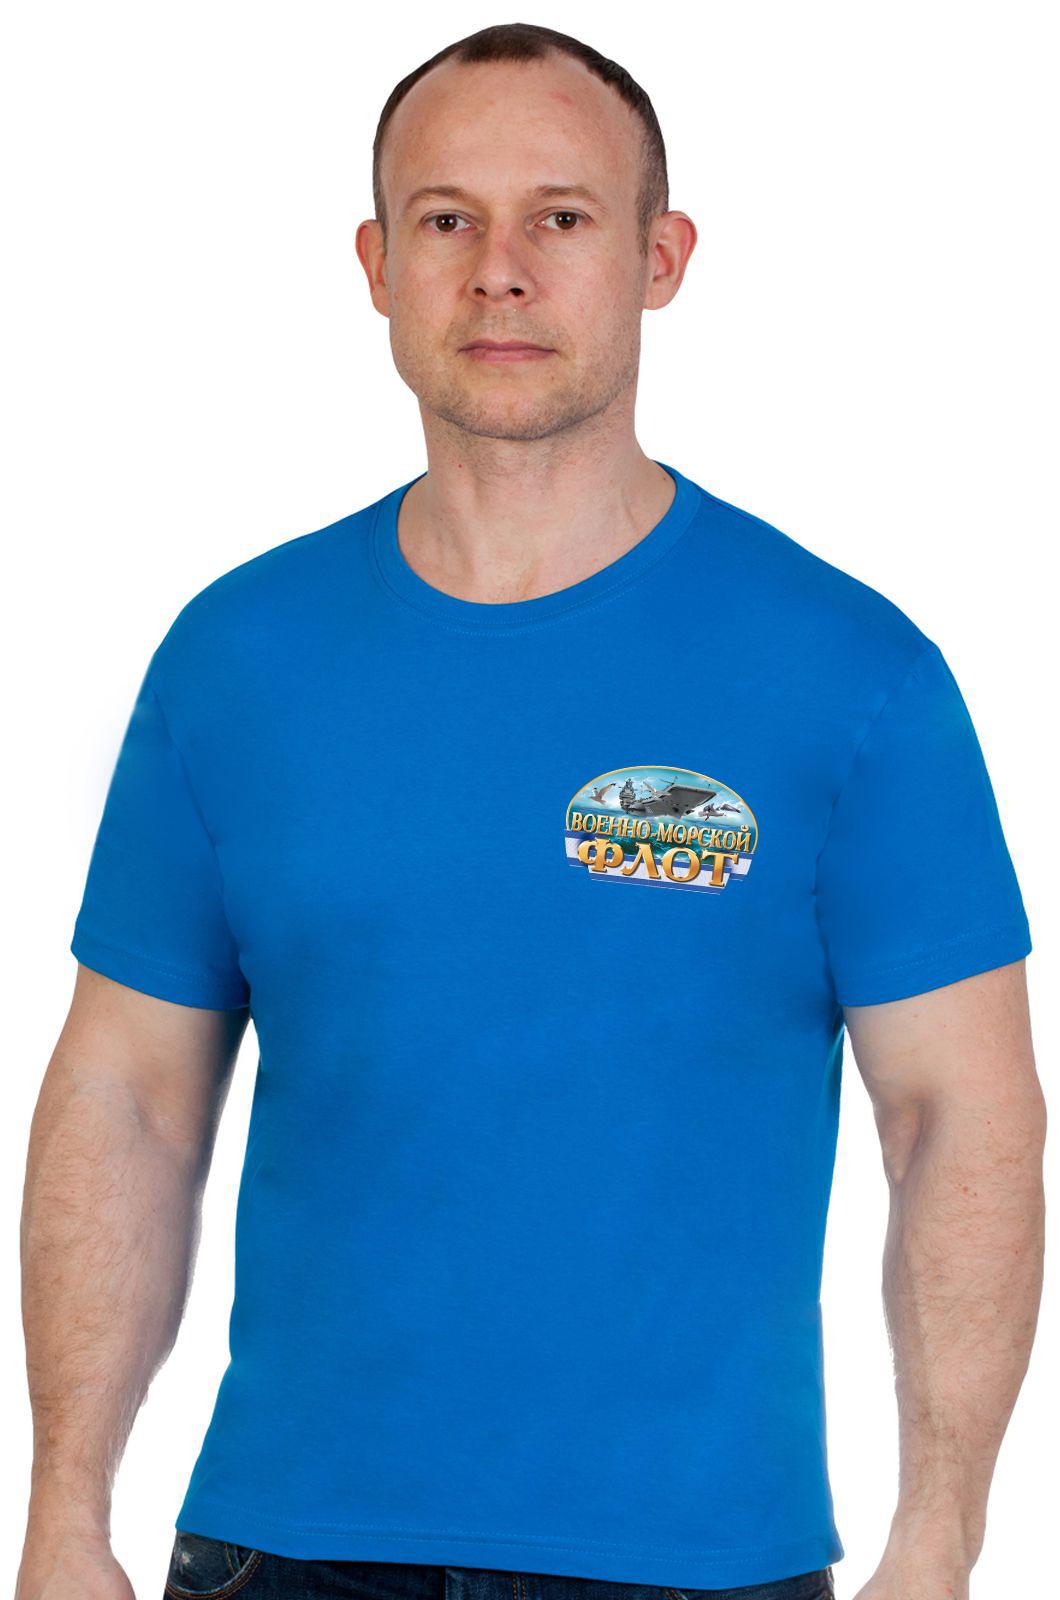 Крутая футболка Военно-морской флот - купить в подарок